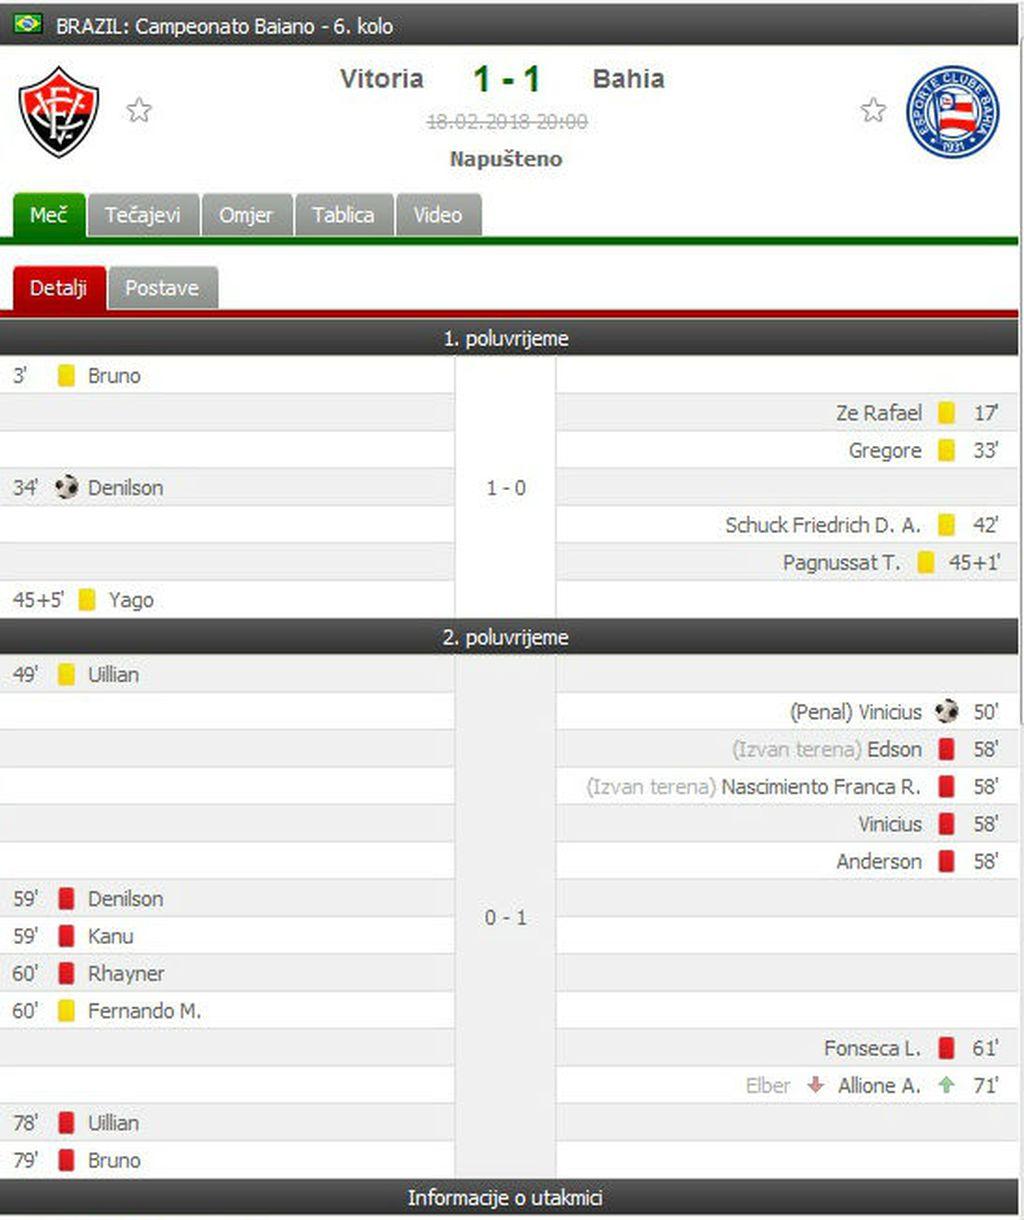 Zapisnik s utakmice Vitorije i Bahije (Screenshot)